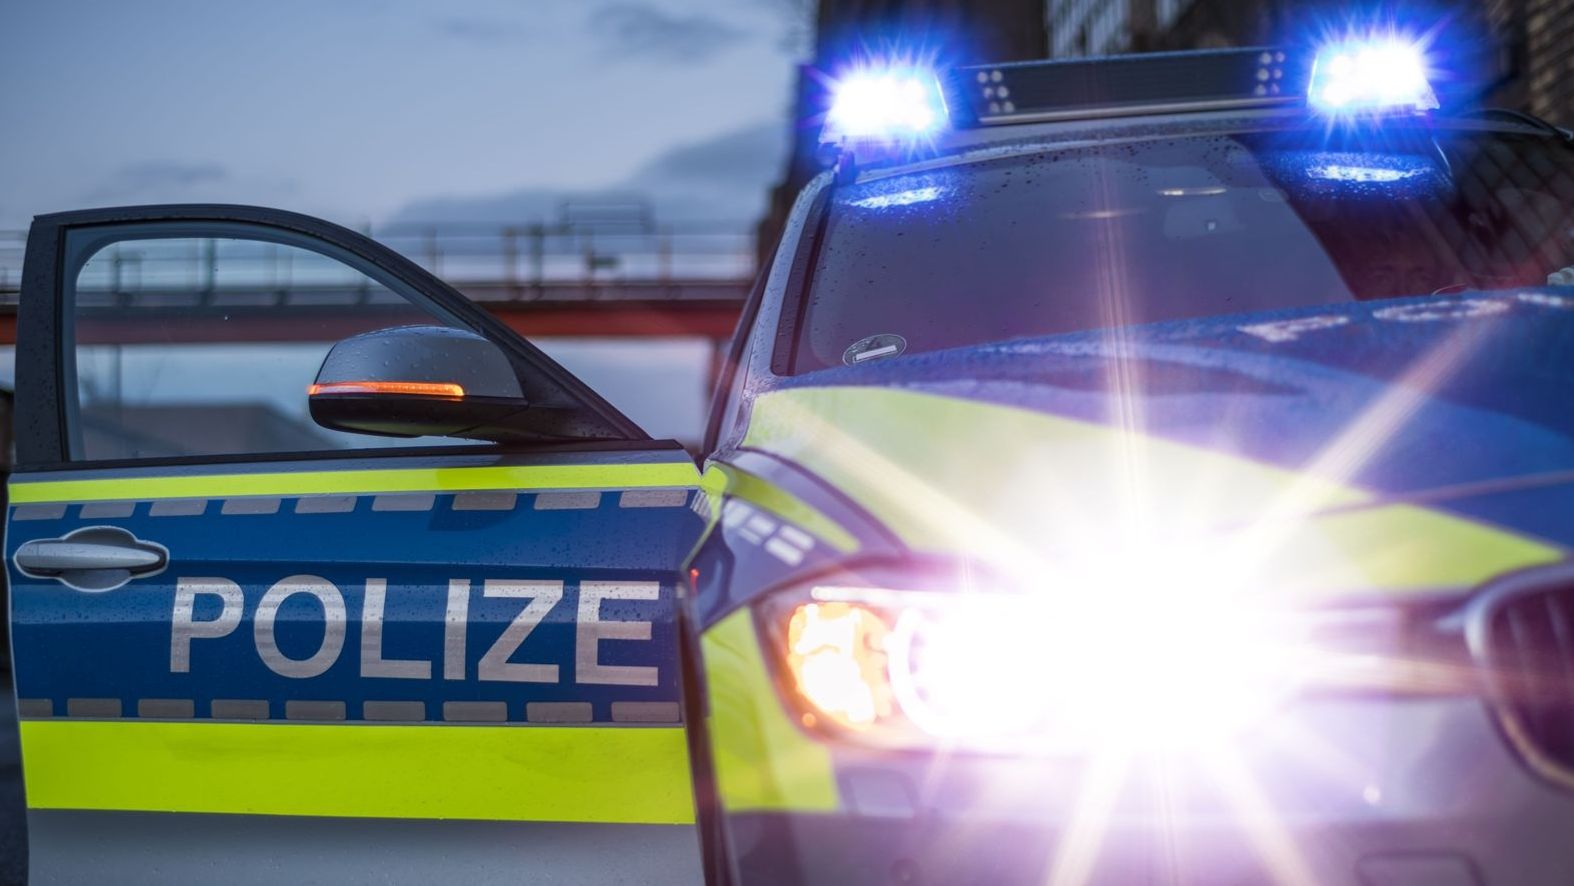 Ein Polizeiauto mit offener Tür und Blaulicht in Betrieb